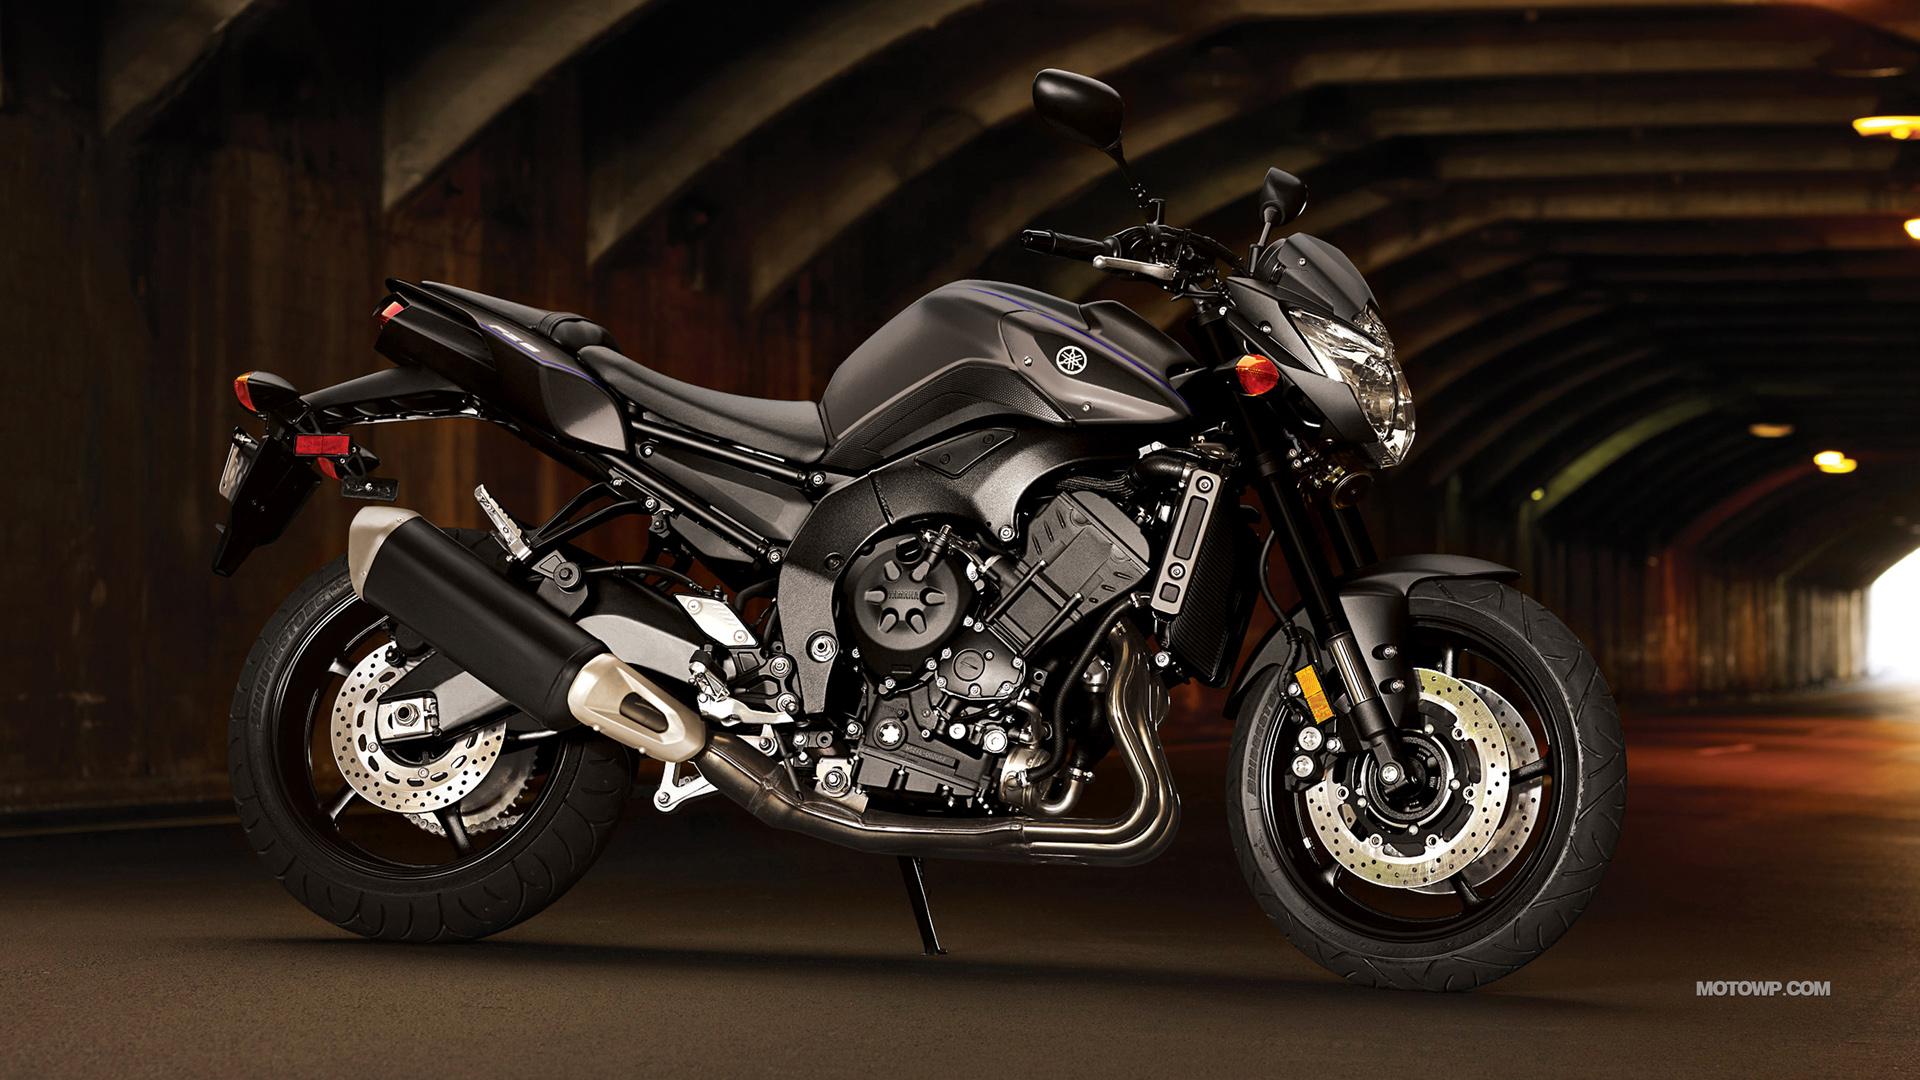 Motorcycles desktop wallpapers Yamaha FZ8   2013 1920x1080